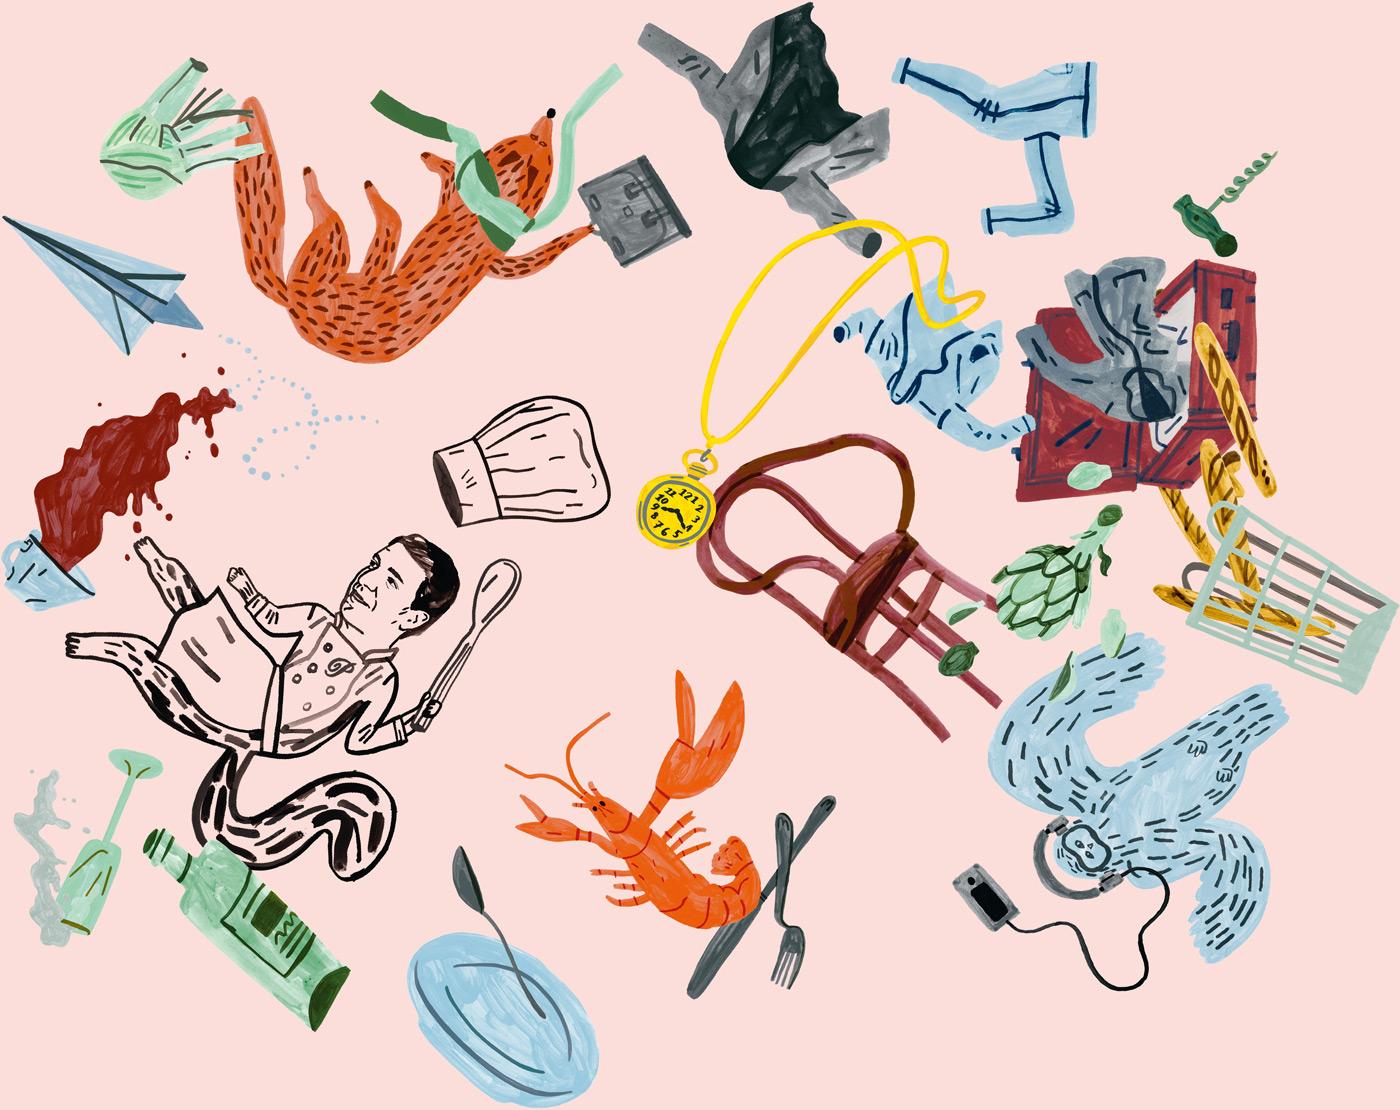 Illustration by Klara Persson for Arlanda Airport restaurant Pontus In The Air